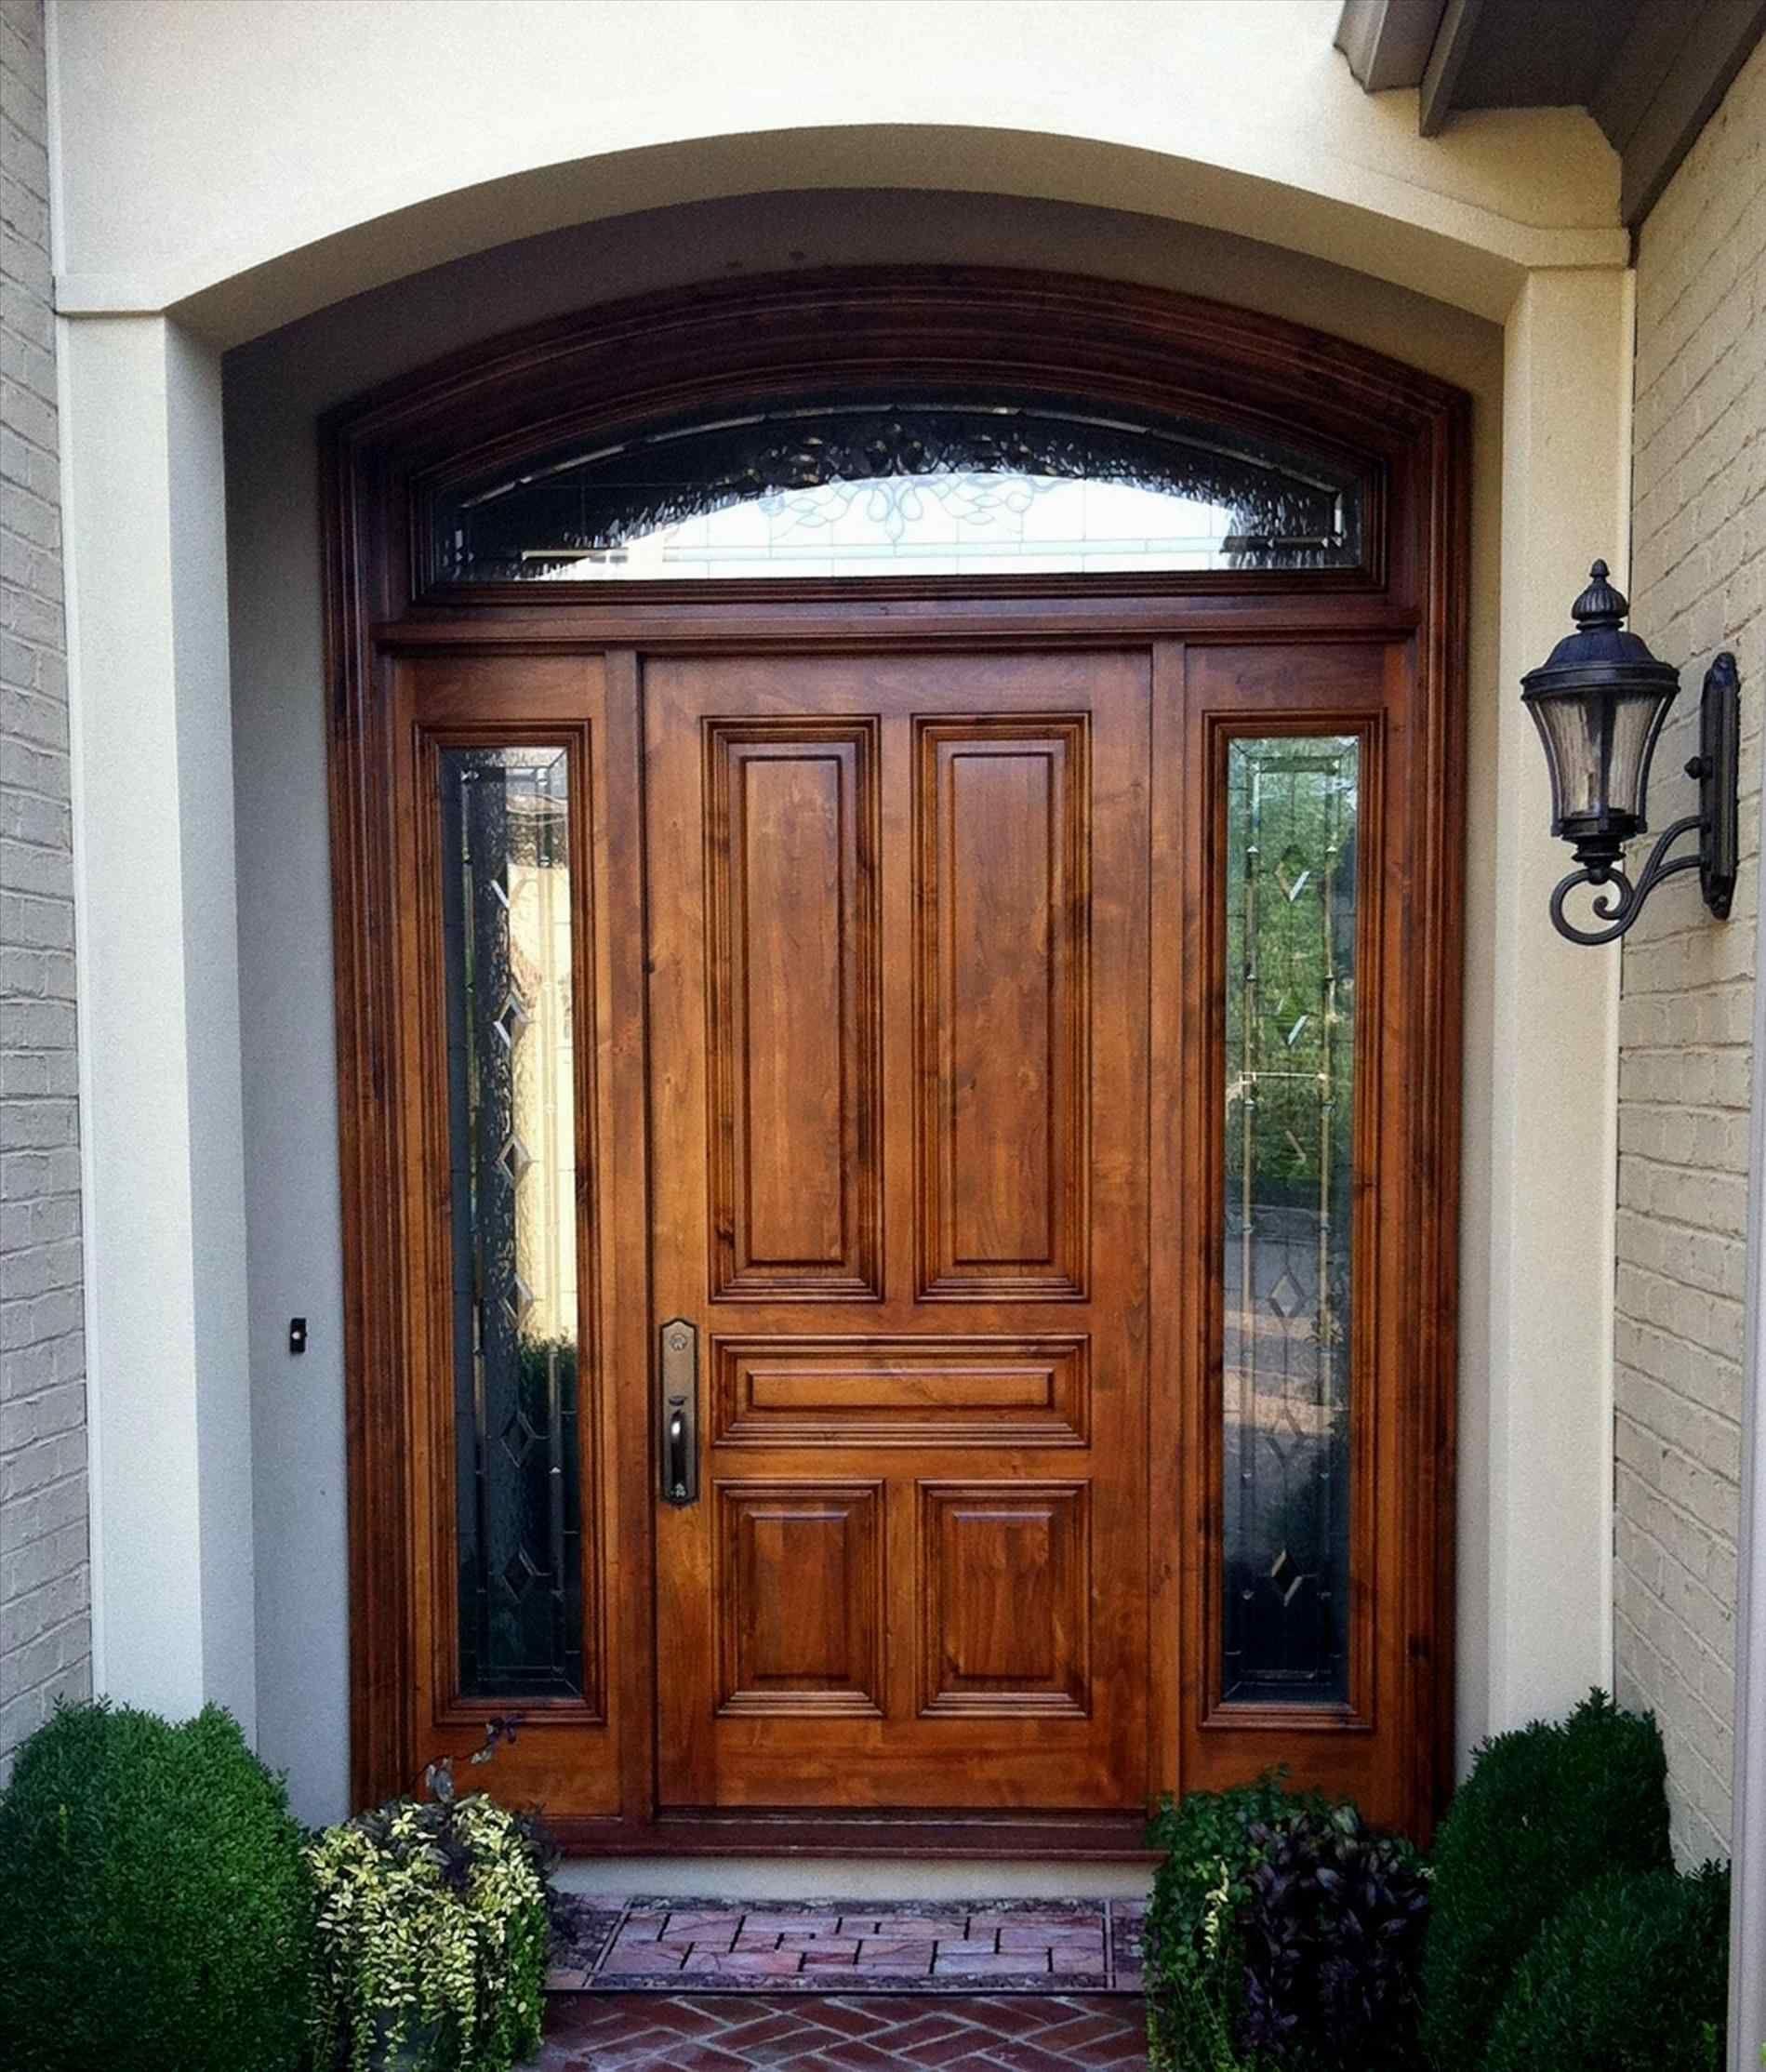 house front single door design Home Design 40+ House Front Single Door Design Background